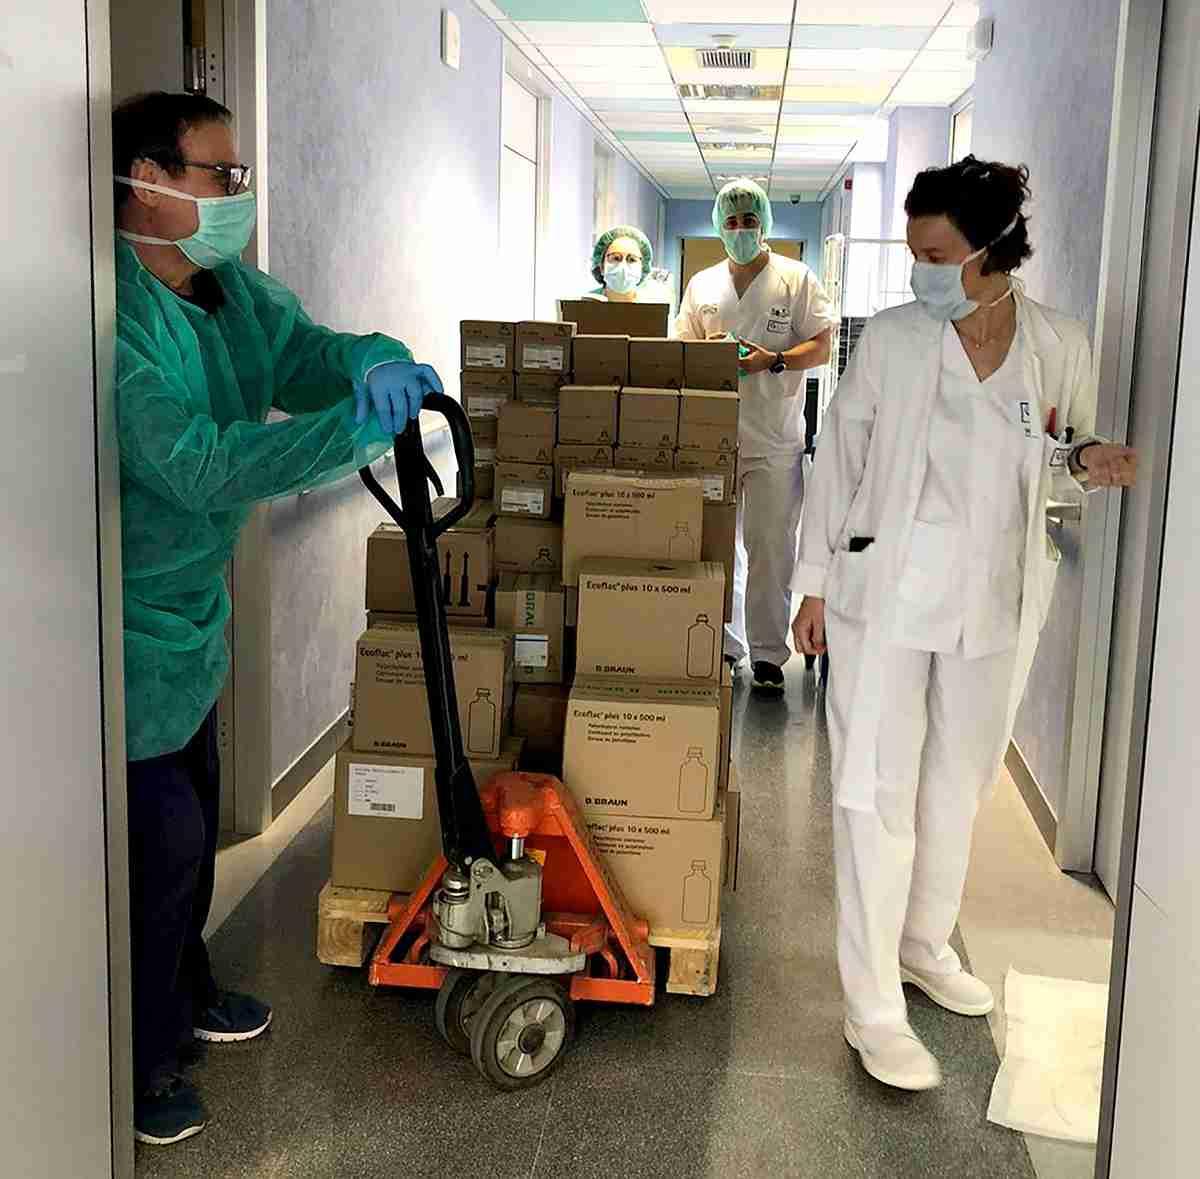 Los hospitales de la provincia de Ciudad Real reciben más de 641.000 artículos de protección 5